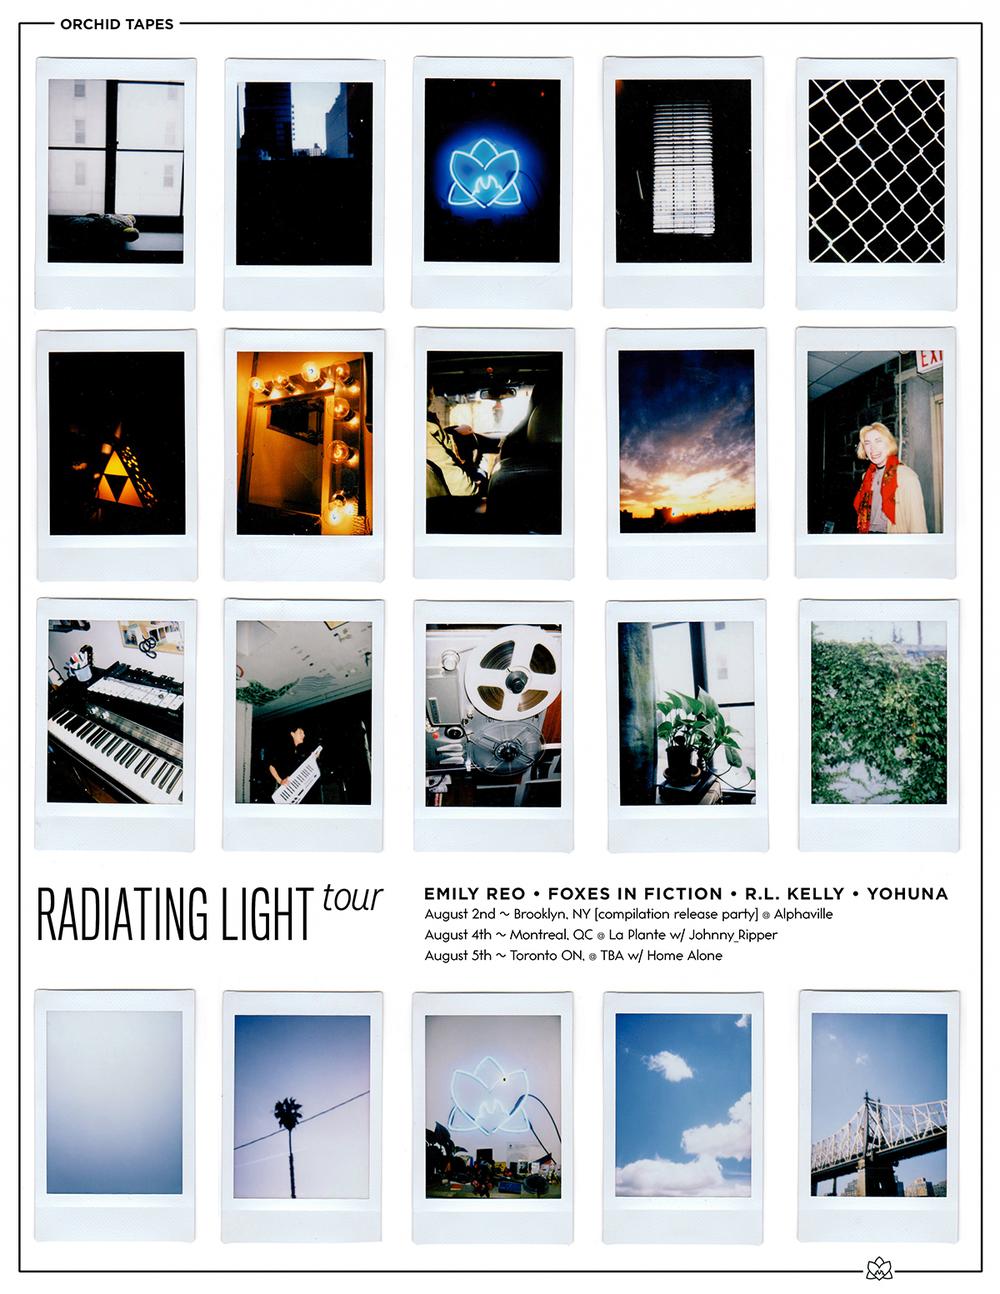 RadiatingLightPoster.jpg